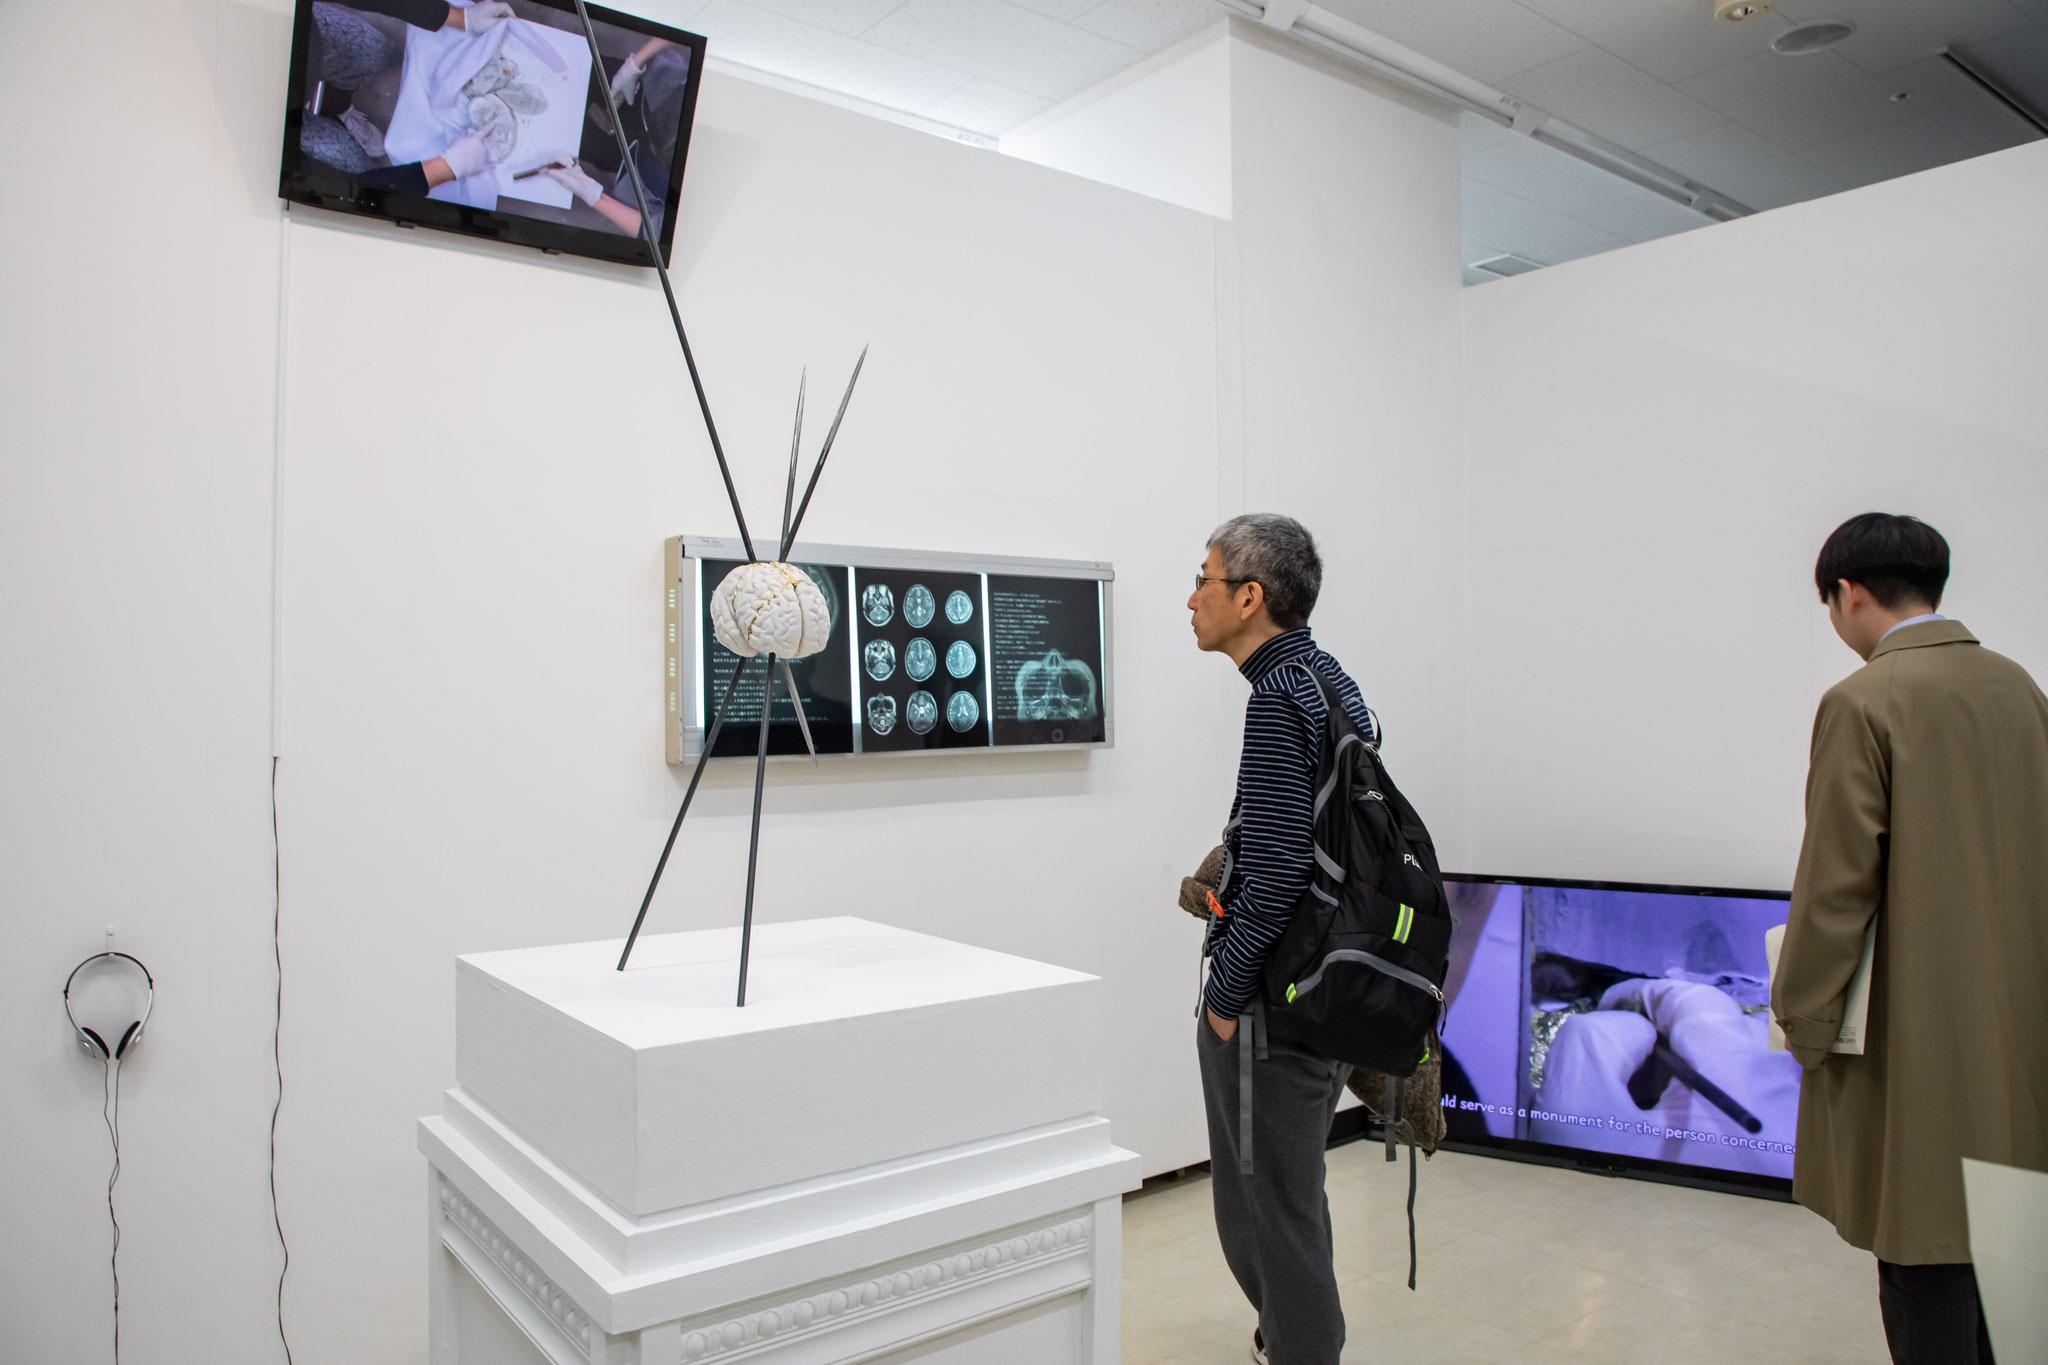 《修復のモニュメント「脳と心臓」》  2020年 ©Atsushi Watanabe 2020 ©Yurina2020/共同制作: ゆりな  撮影: 中川達彦(BankART1929)